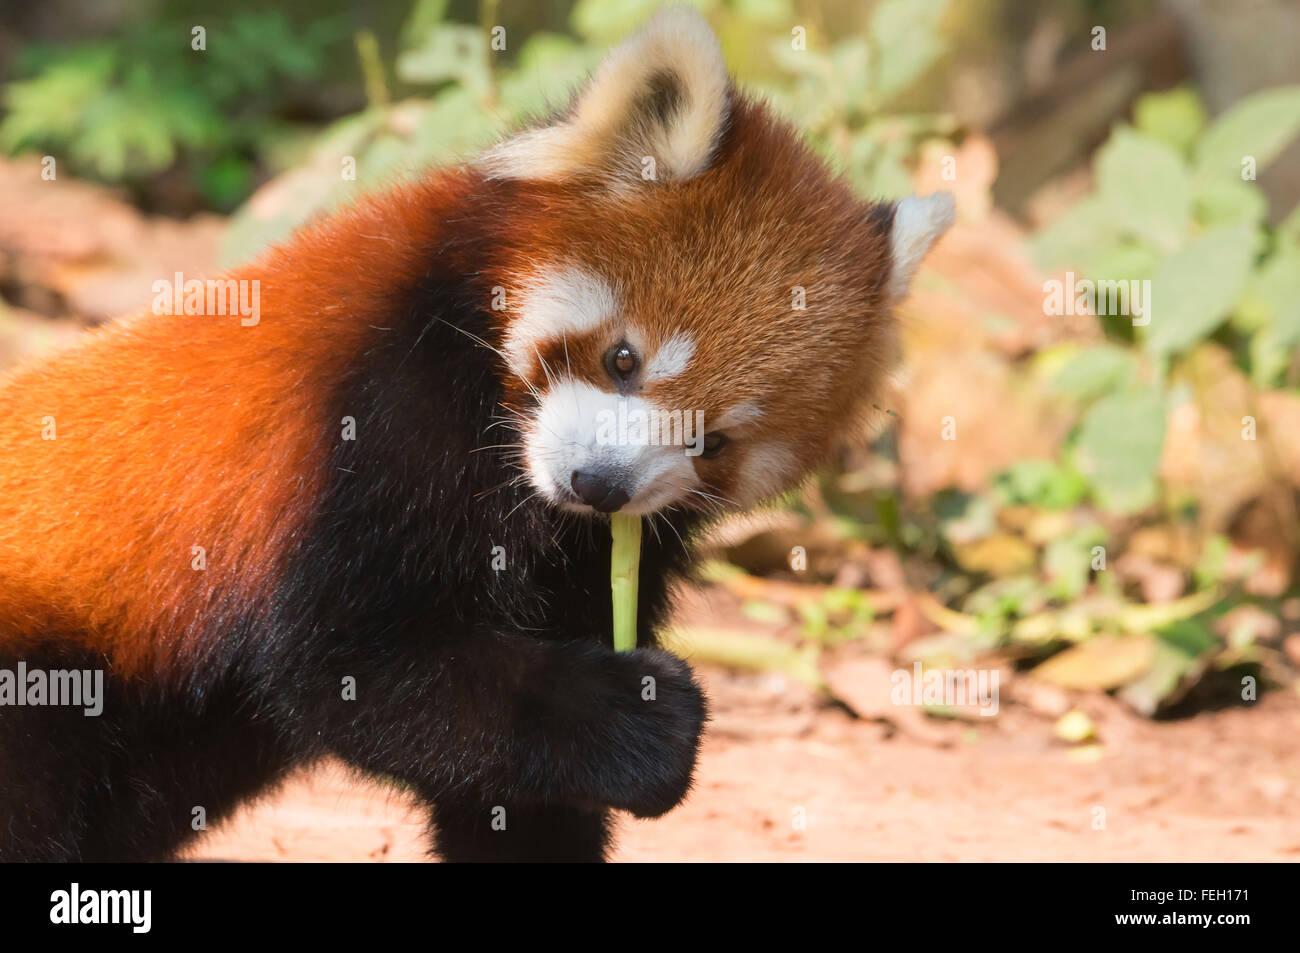 Le panda rouge (Ailurus fulgens), province du Sichuan, Chine Banque D'Images